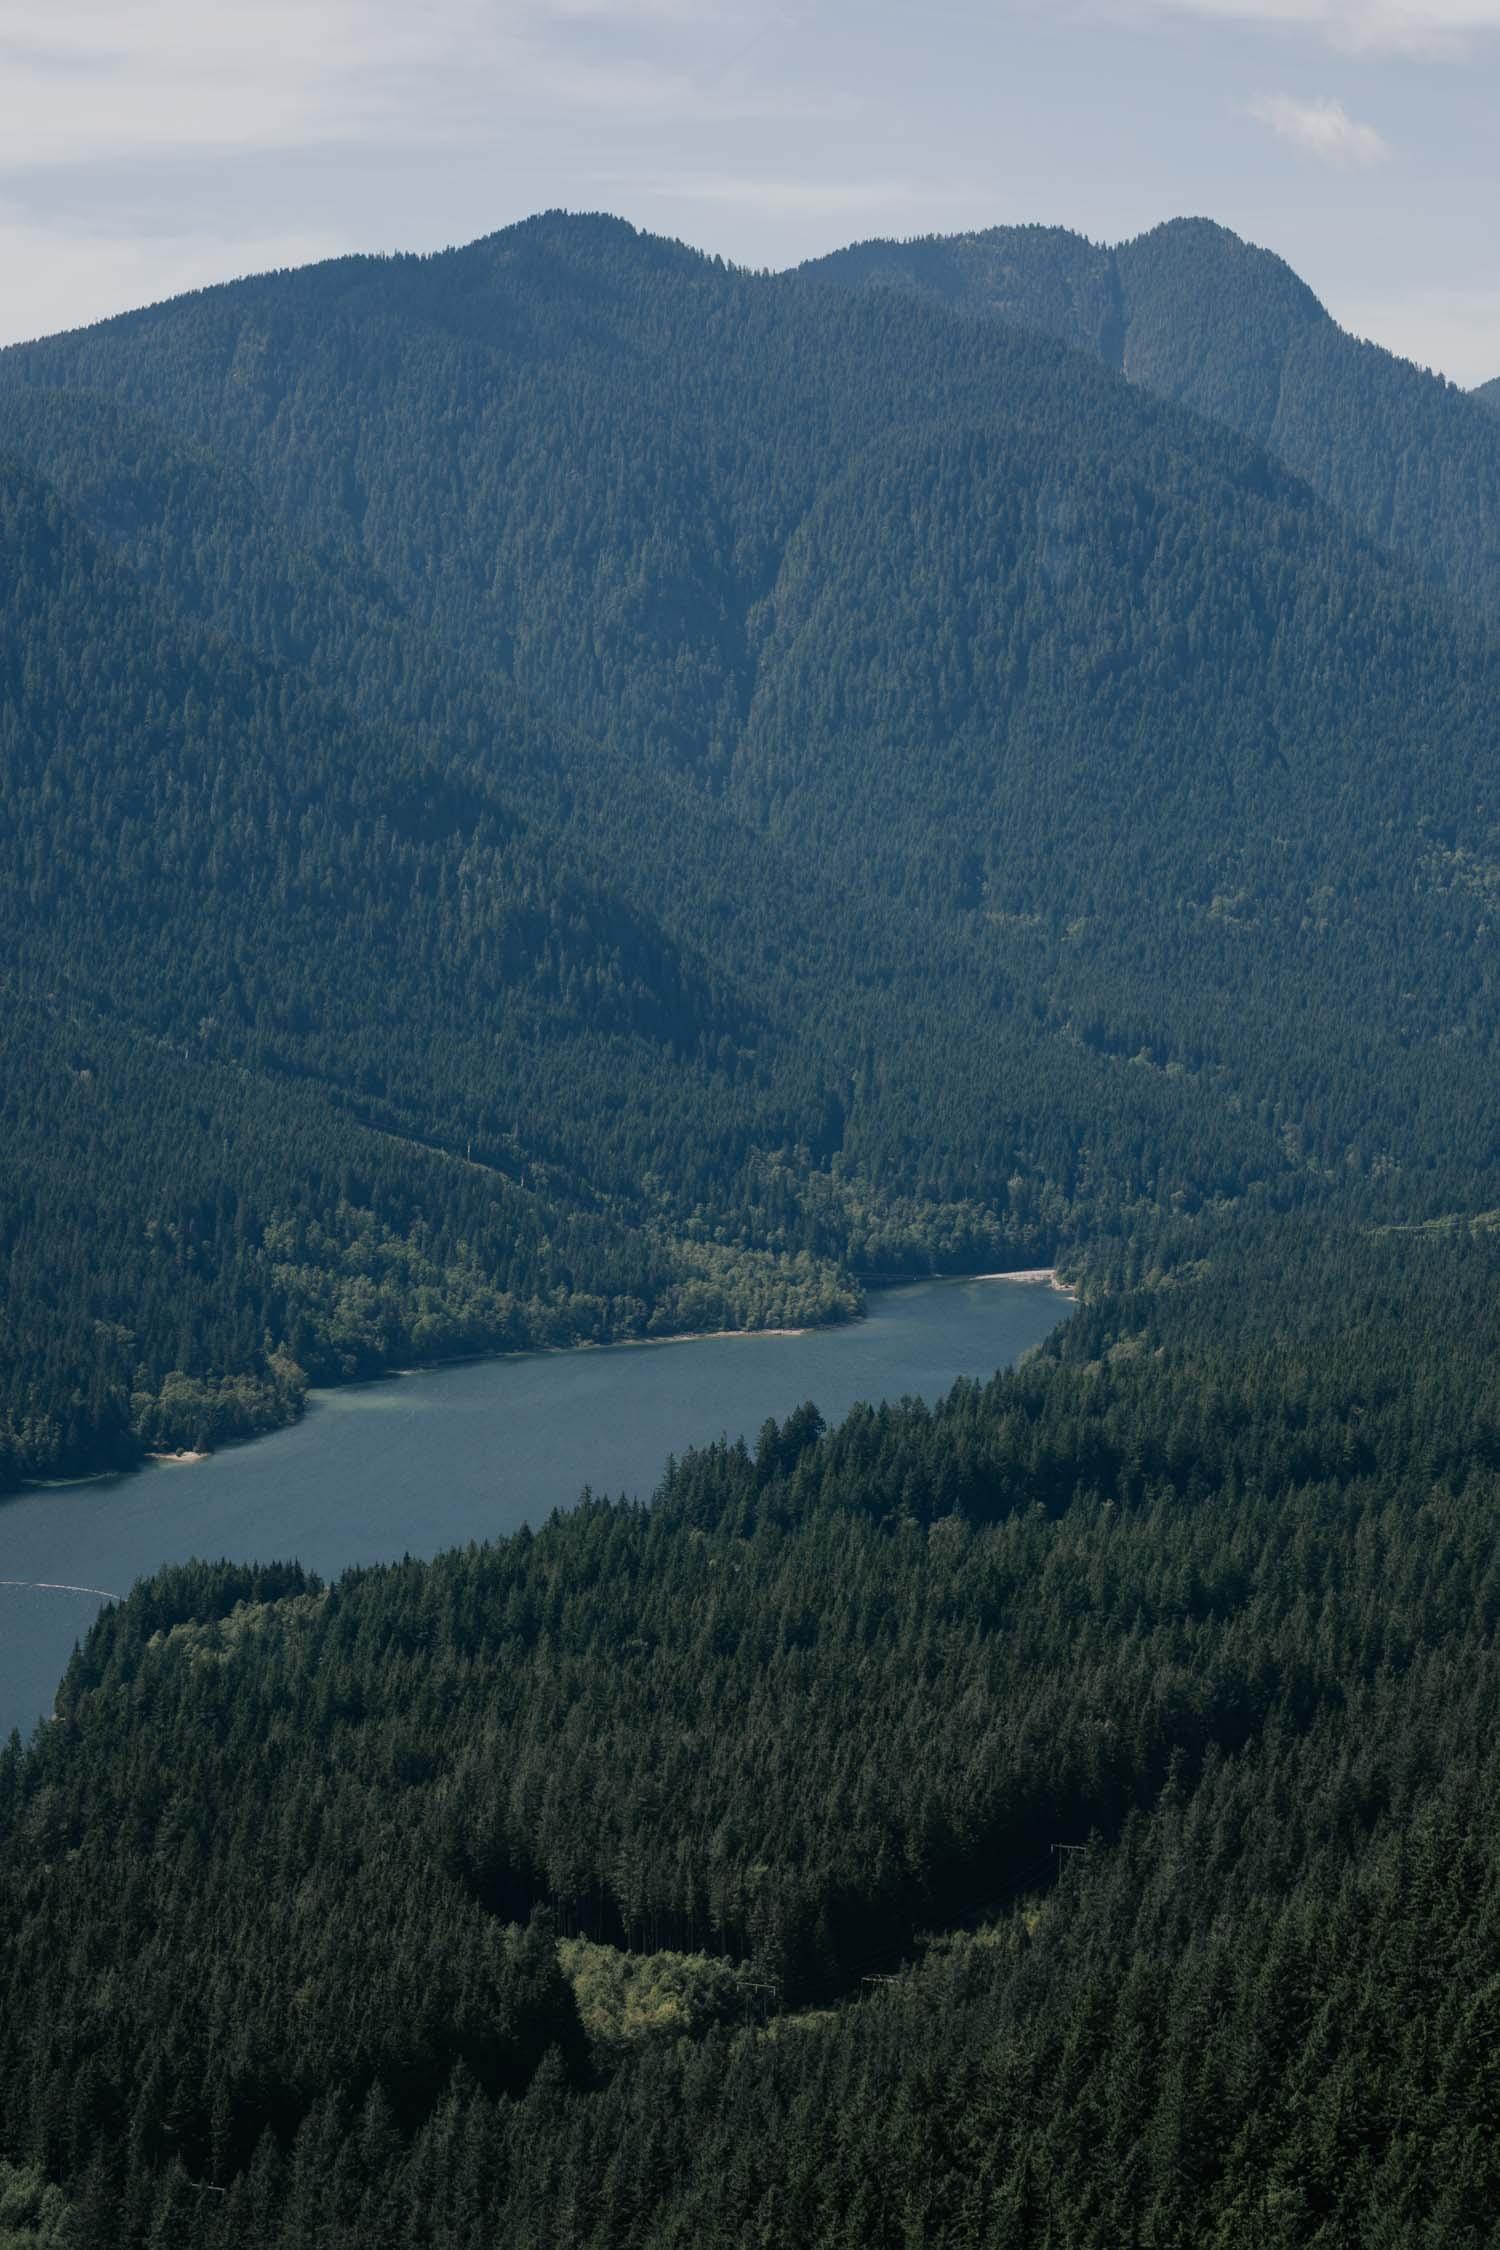 Grouse Mountain Wedding Venue Gondola Mountain Forest Sea View